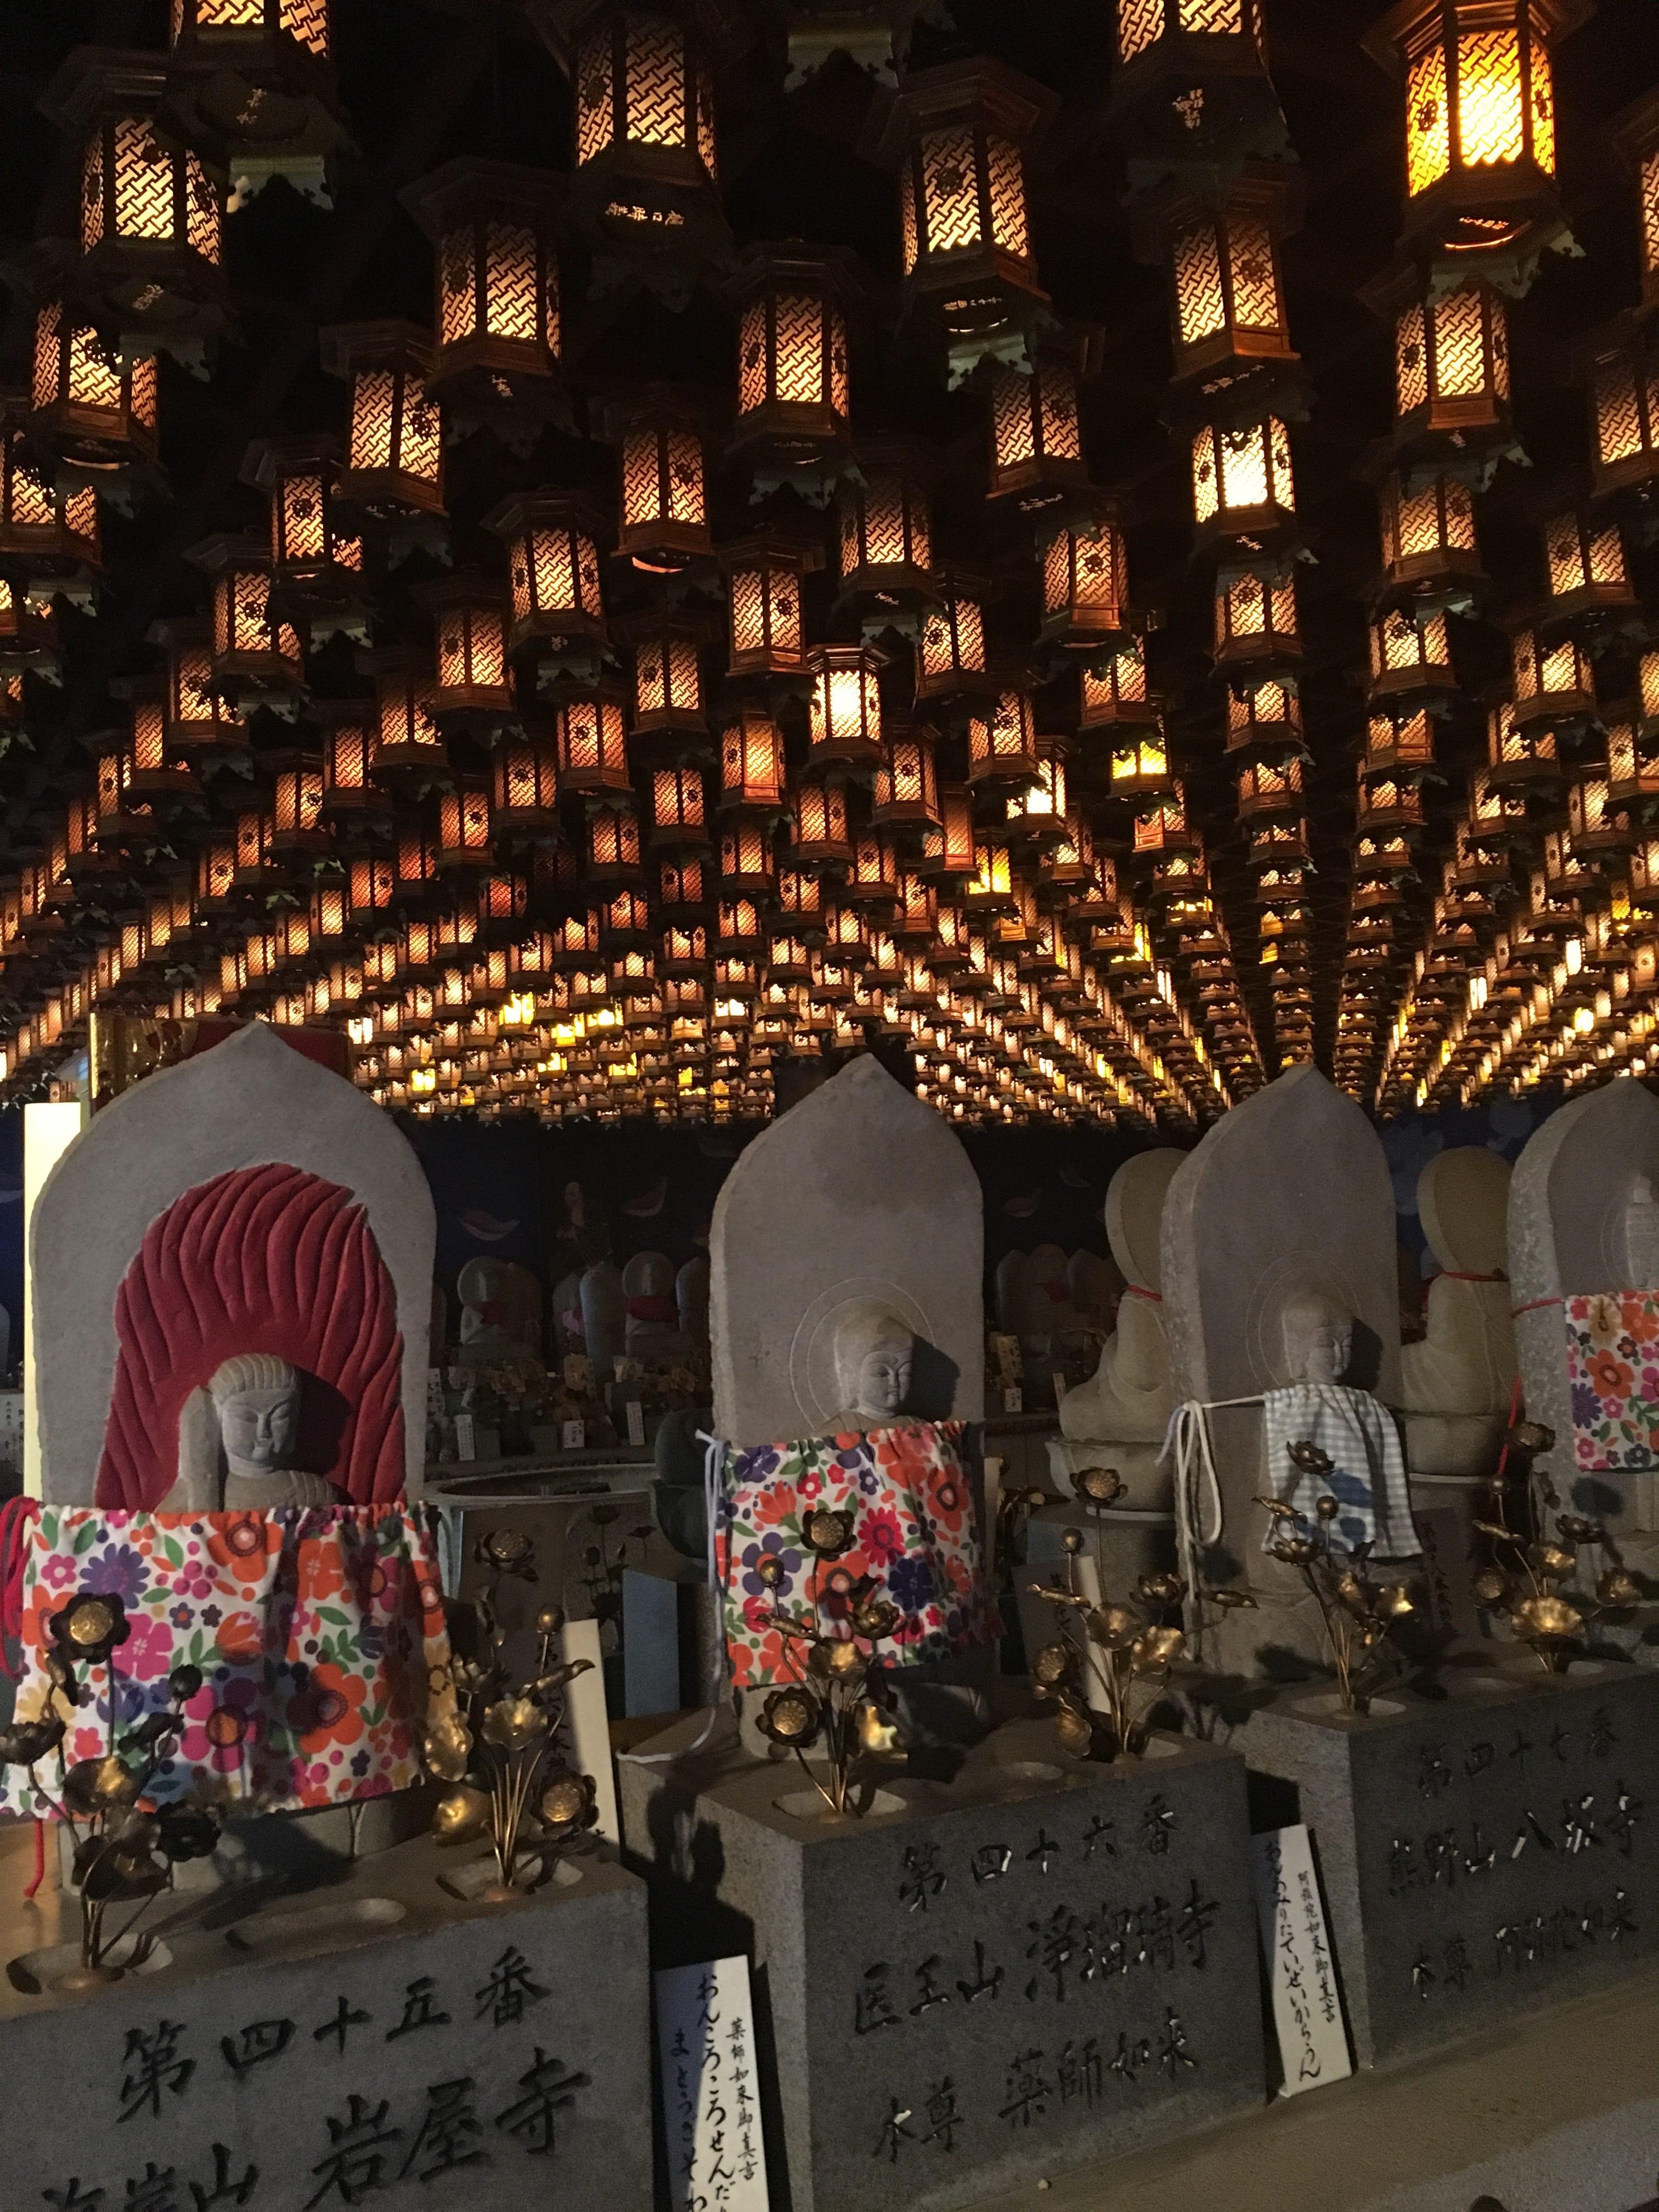 Grave stones with lanterns.